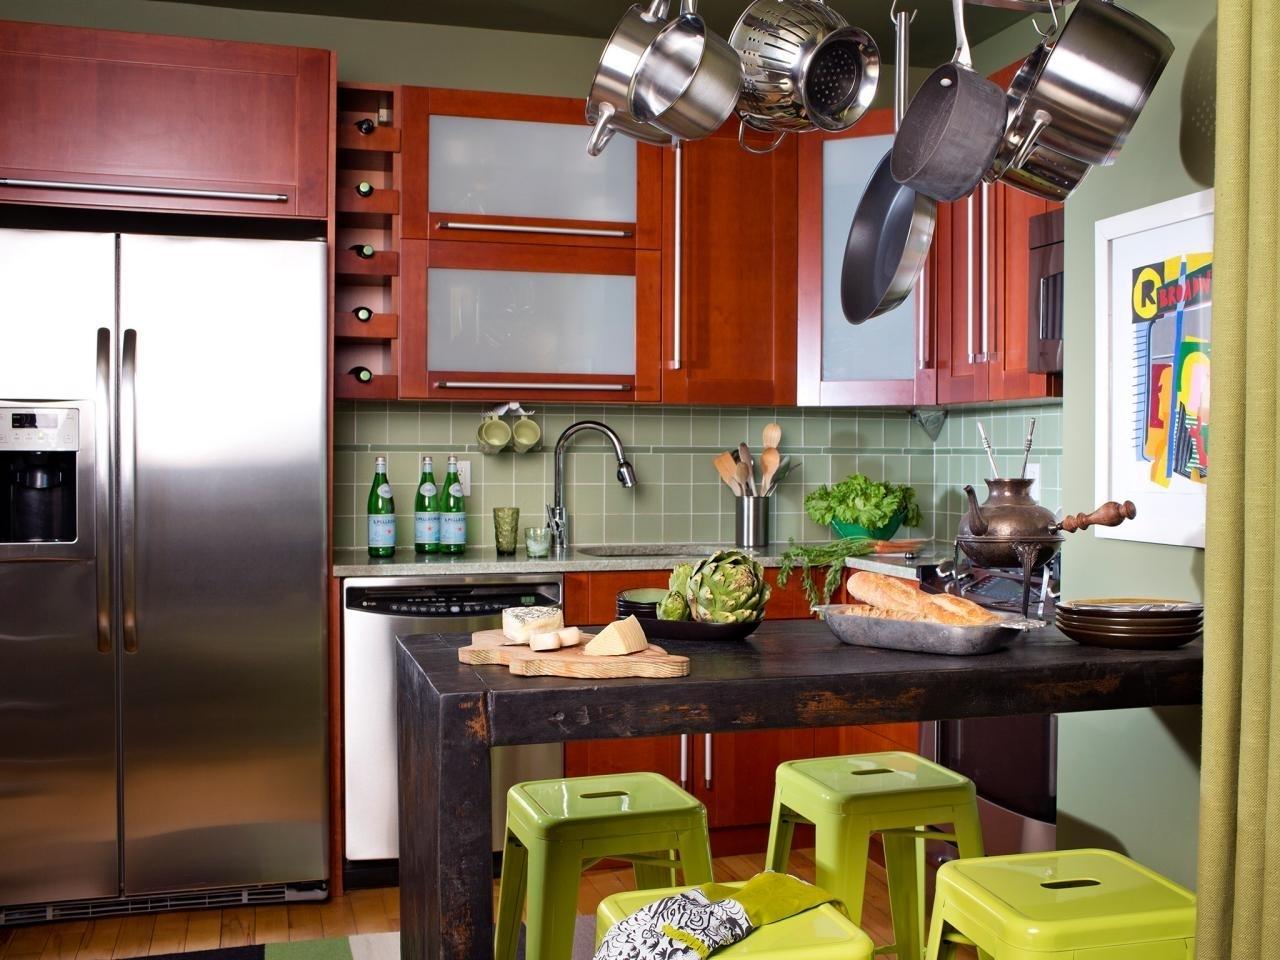 Muebles en una cocina pequeña